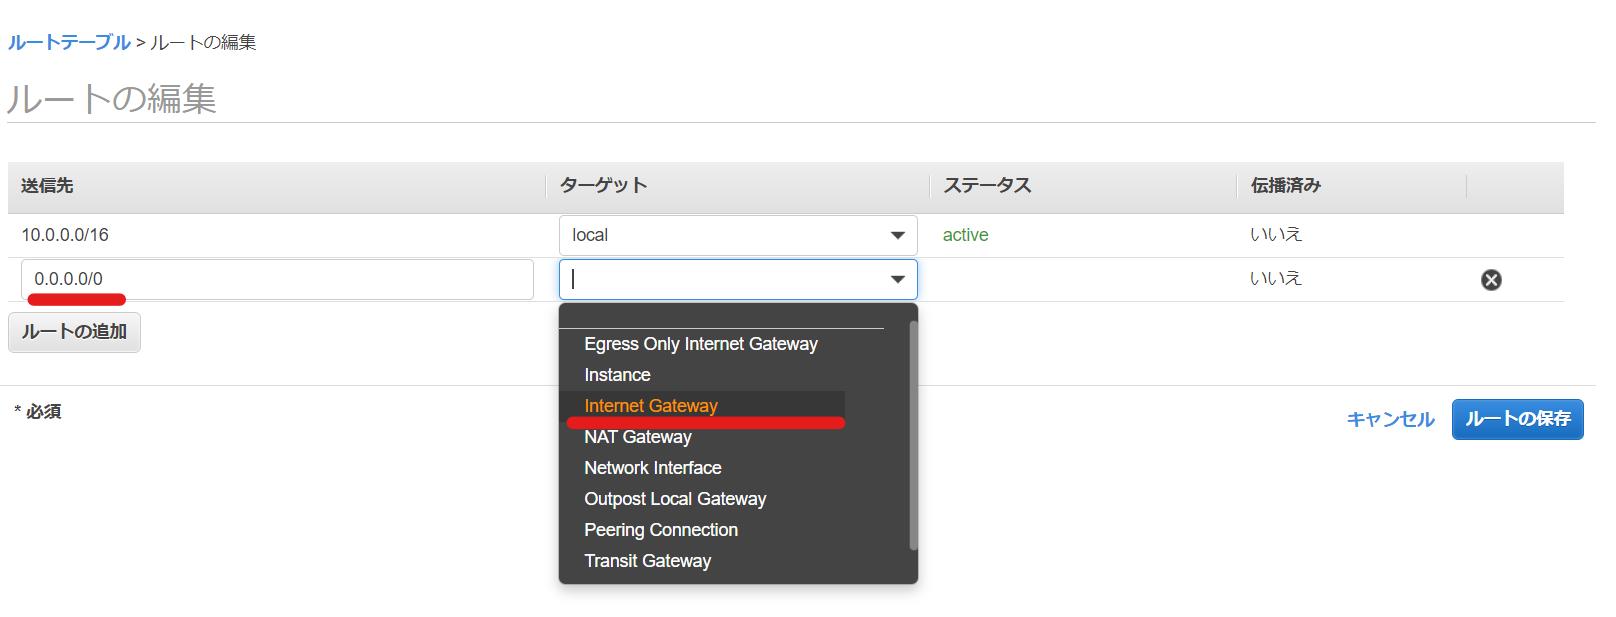 AWS ルートテーブル ルート追加